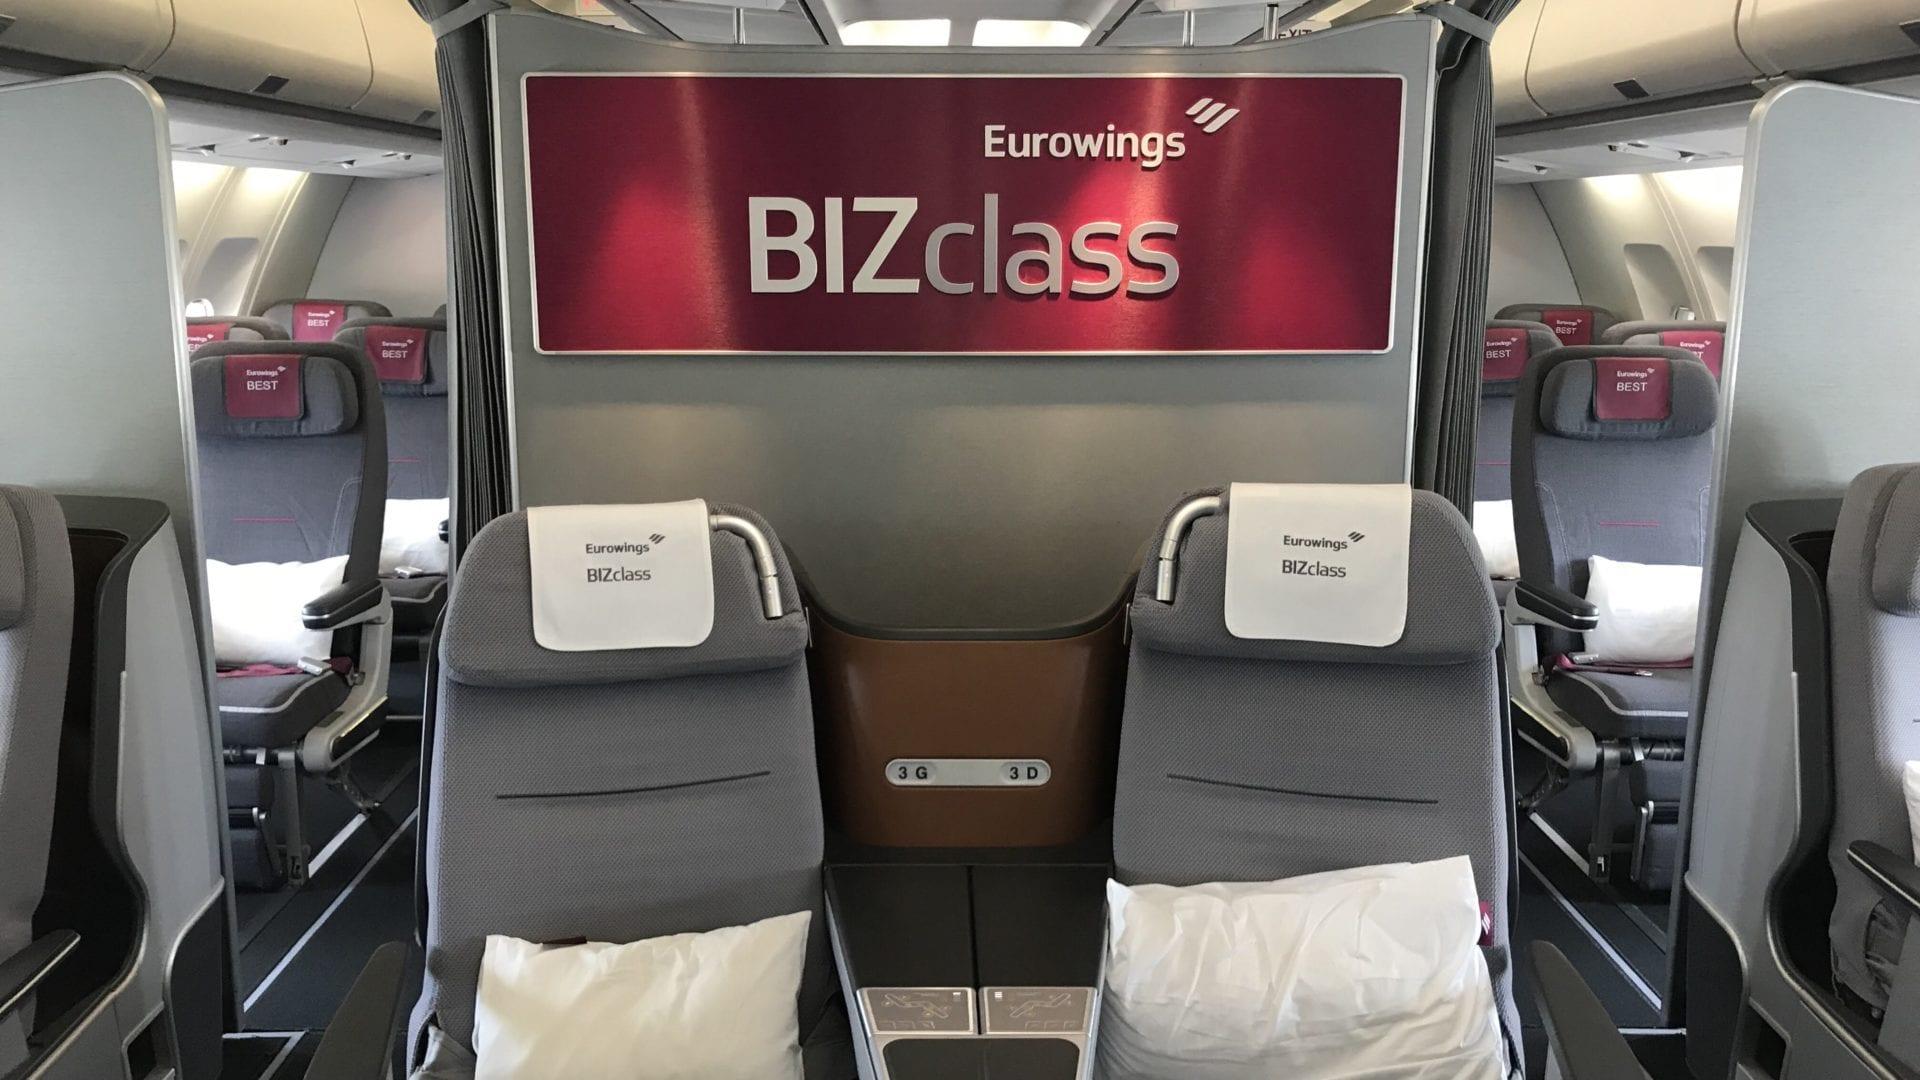 Eurowings A340 BIZclass (3)